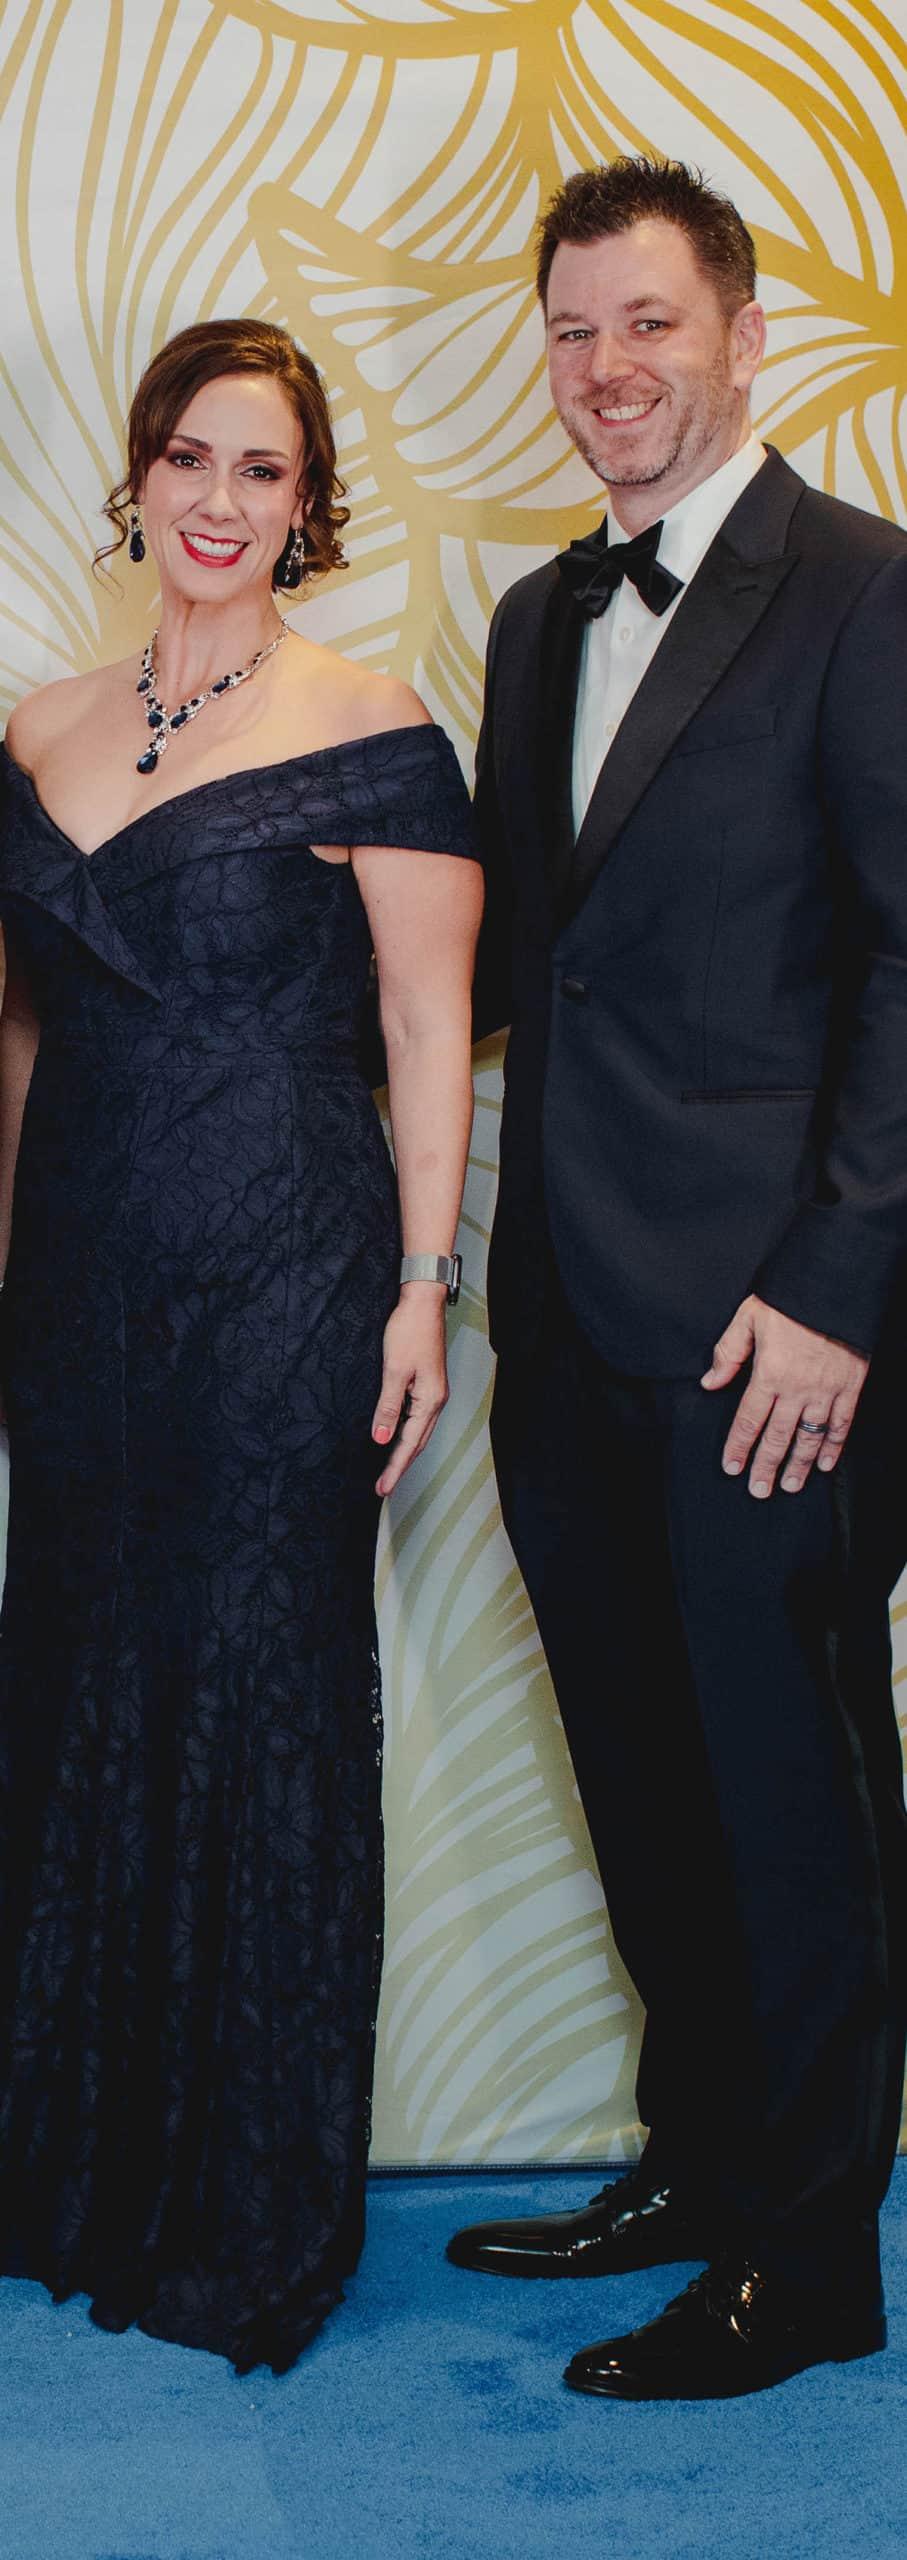 Tiffany and David Dorsey